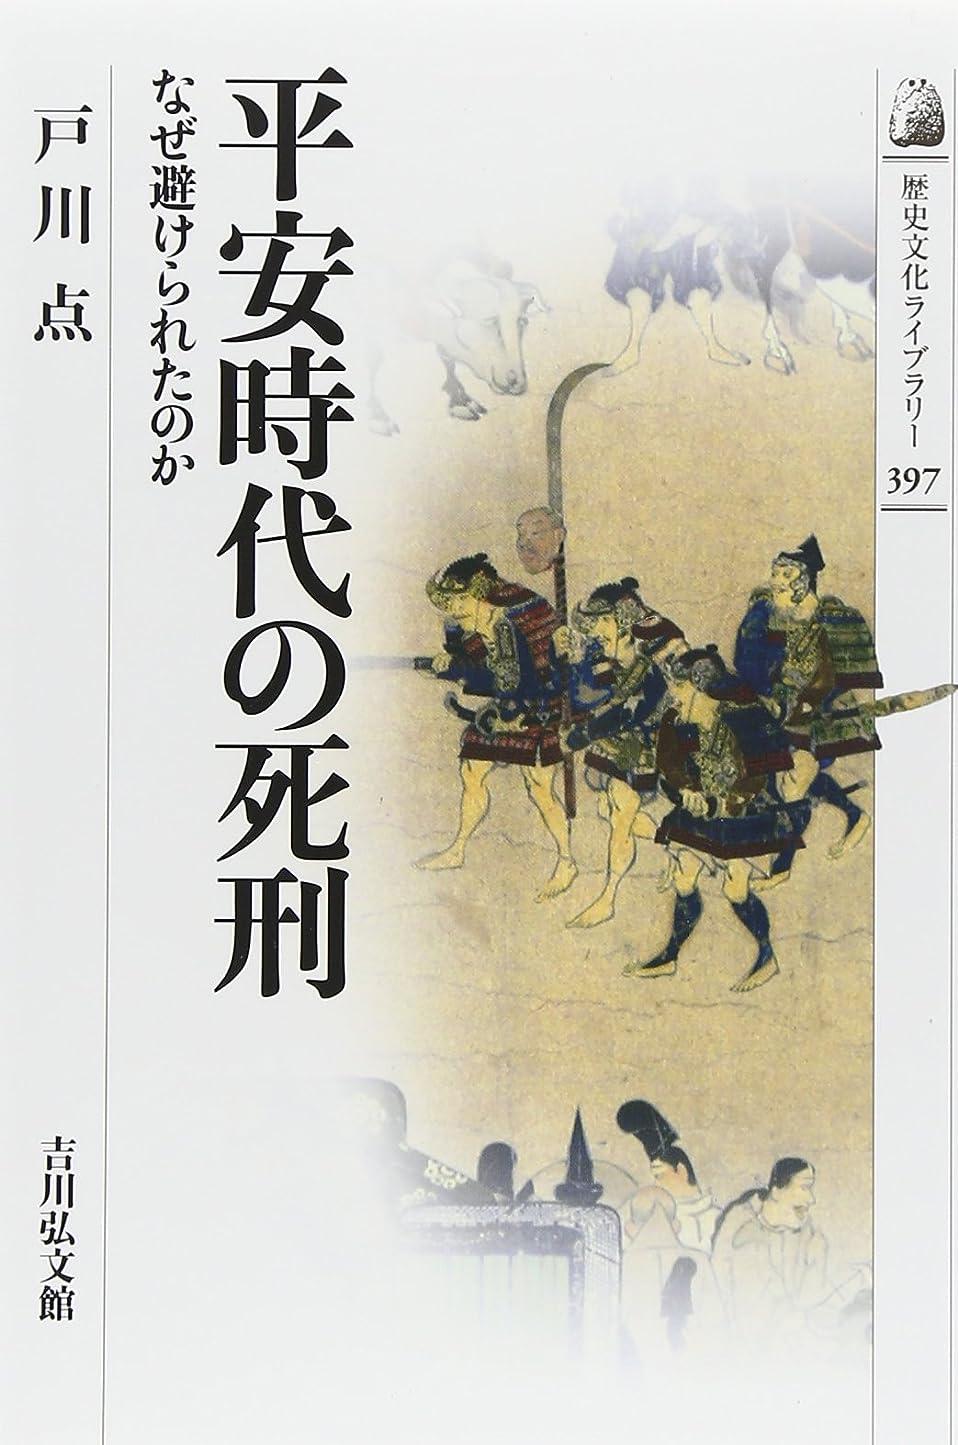 美しい特殊船形皇位継承の記録と文学 『栄花物語』の謎を考える (日記で読む日本史)